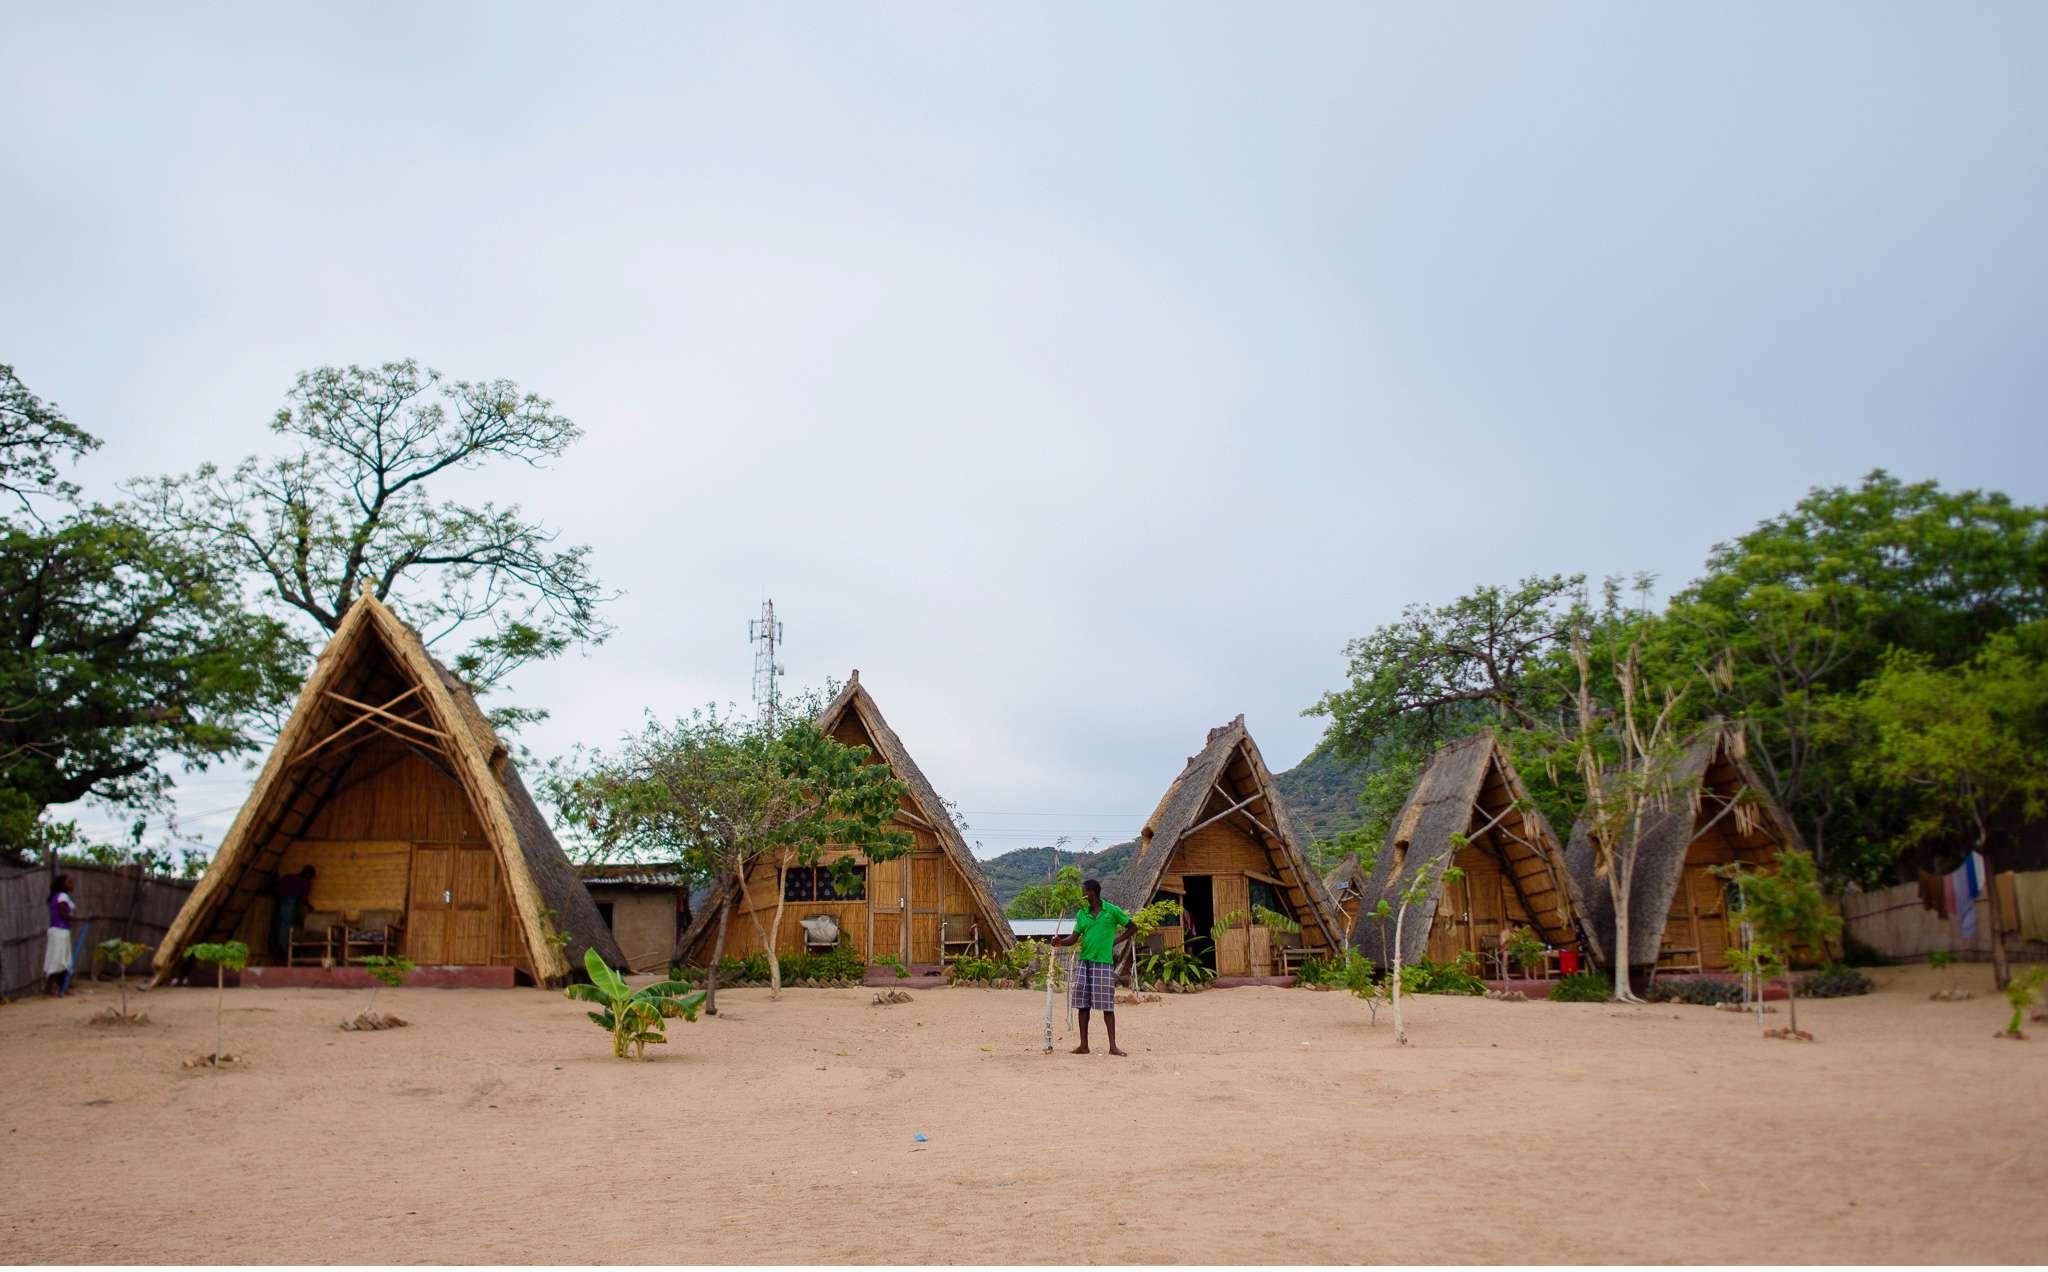 Malawi-Quer durch Afrika- Geschichten von unterwegs by Marion and Daniel-47